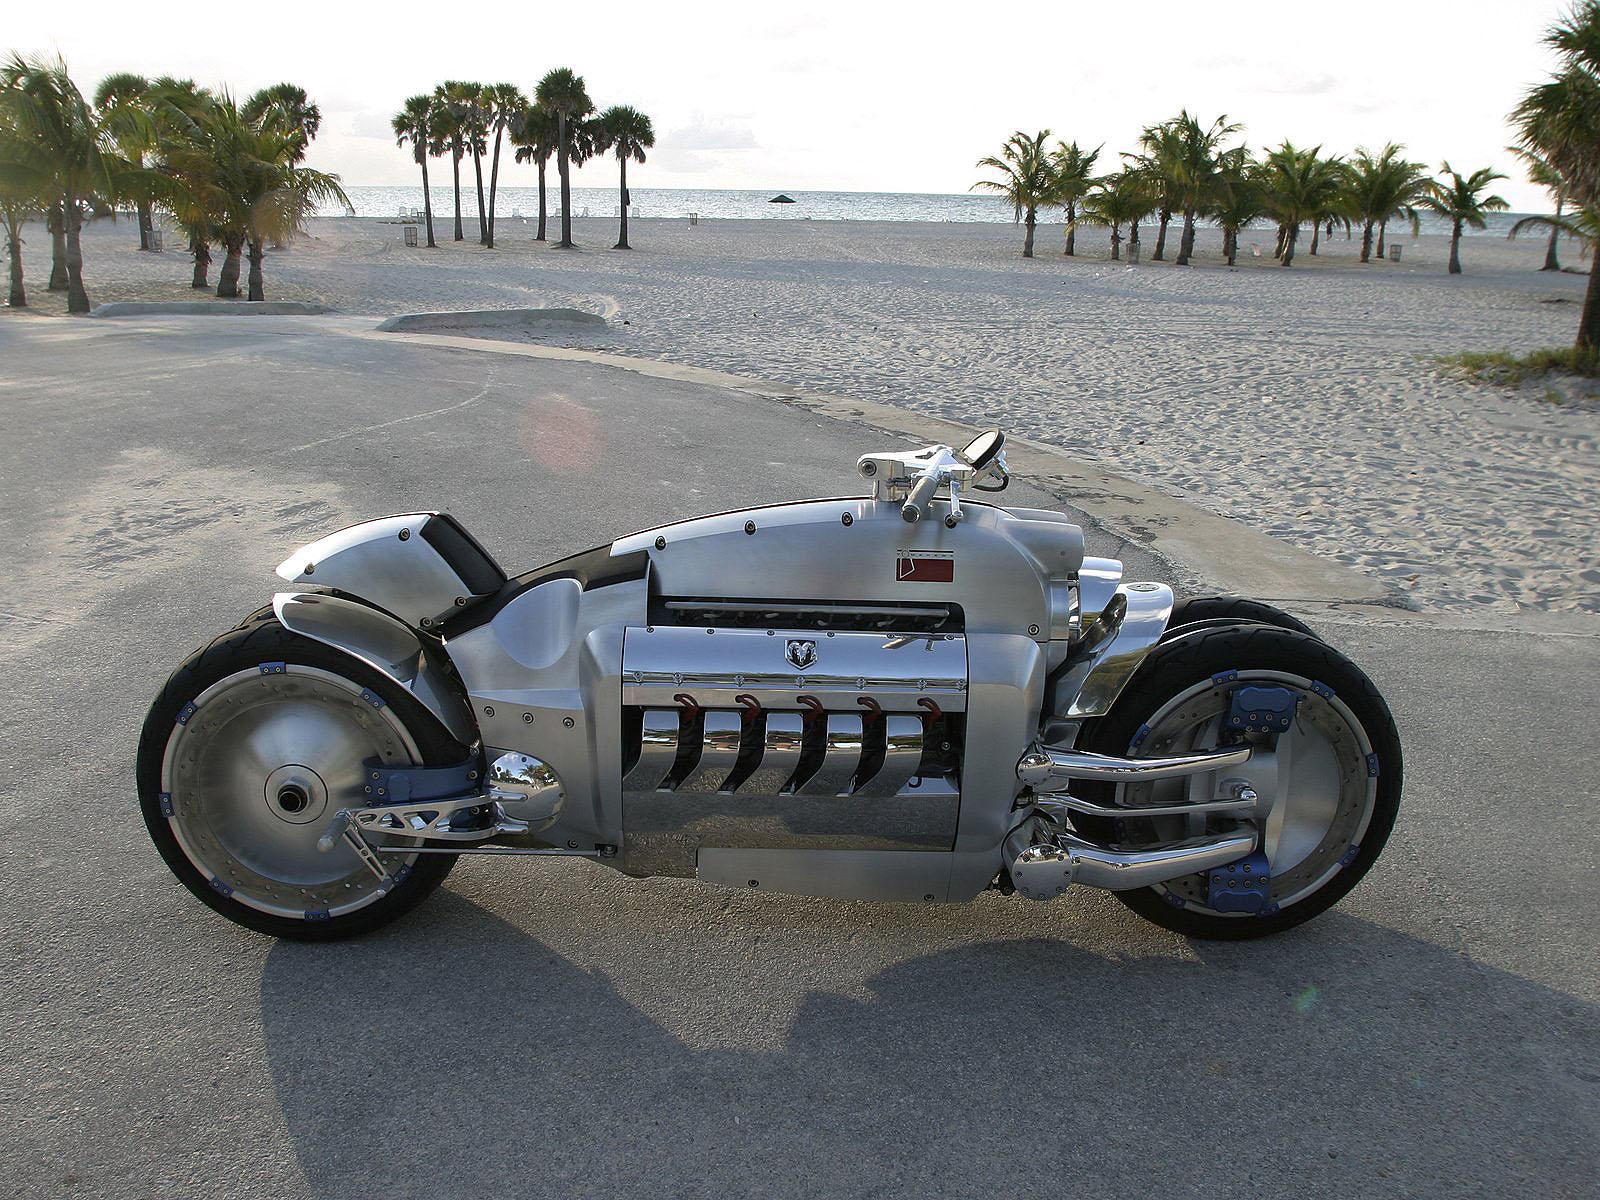 HDoboi.Kiev.ua - Dodge Tomahawk concept, скачать обои крутых мотоциклов